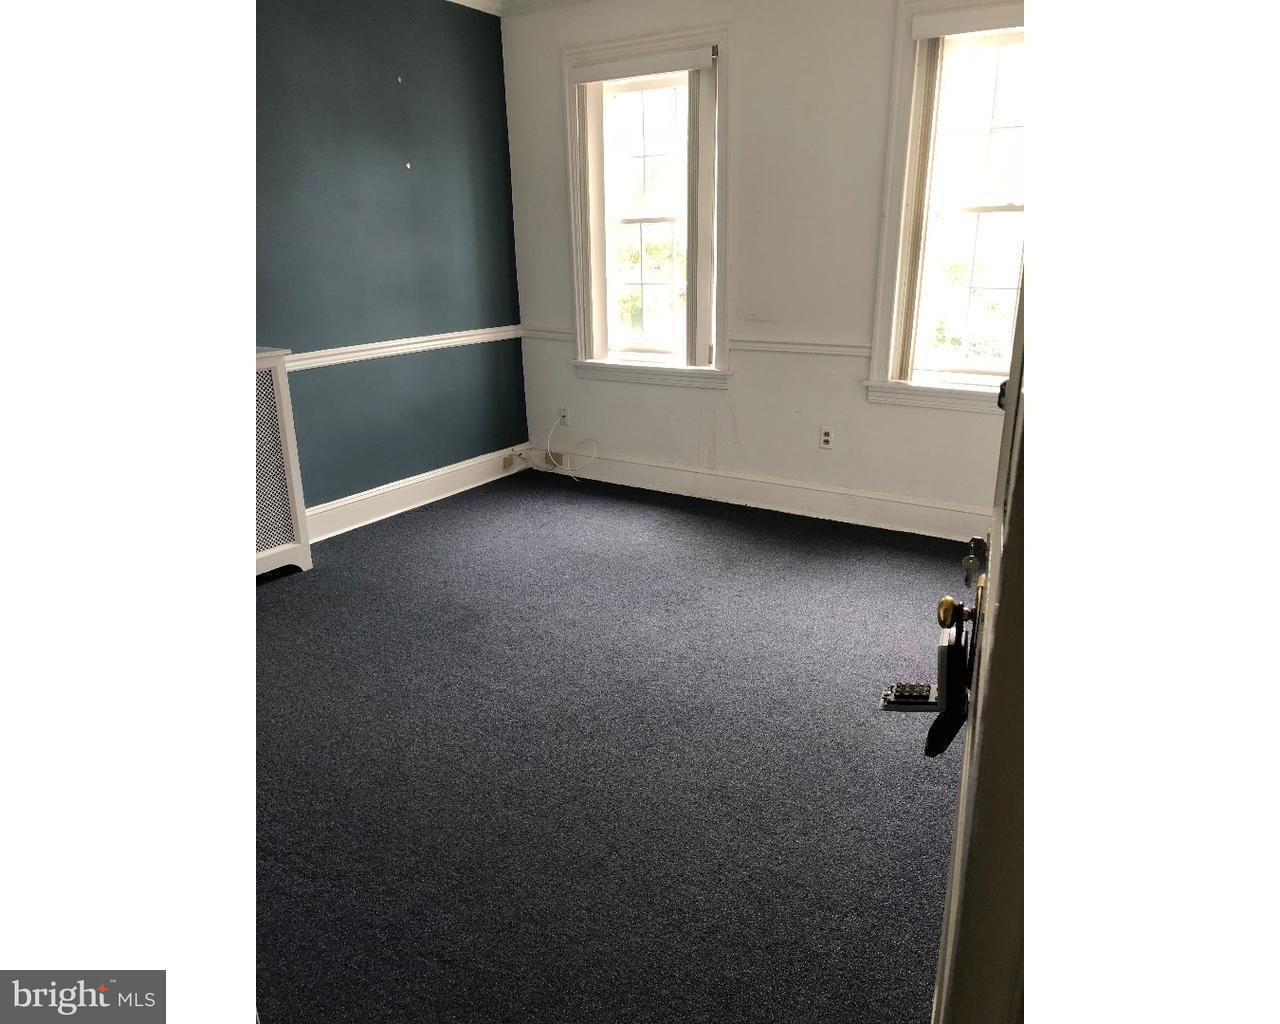 106 S BELLEVUE AVE, LANGHORNE - Listed at $400, LANGHORNE